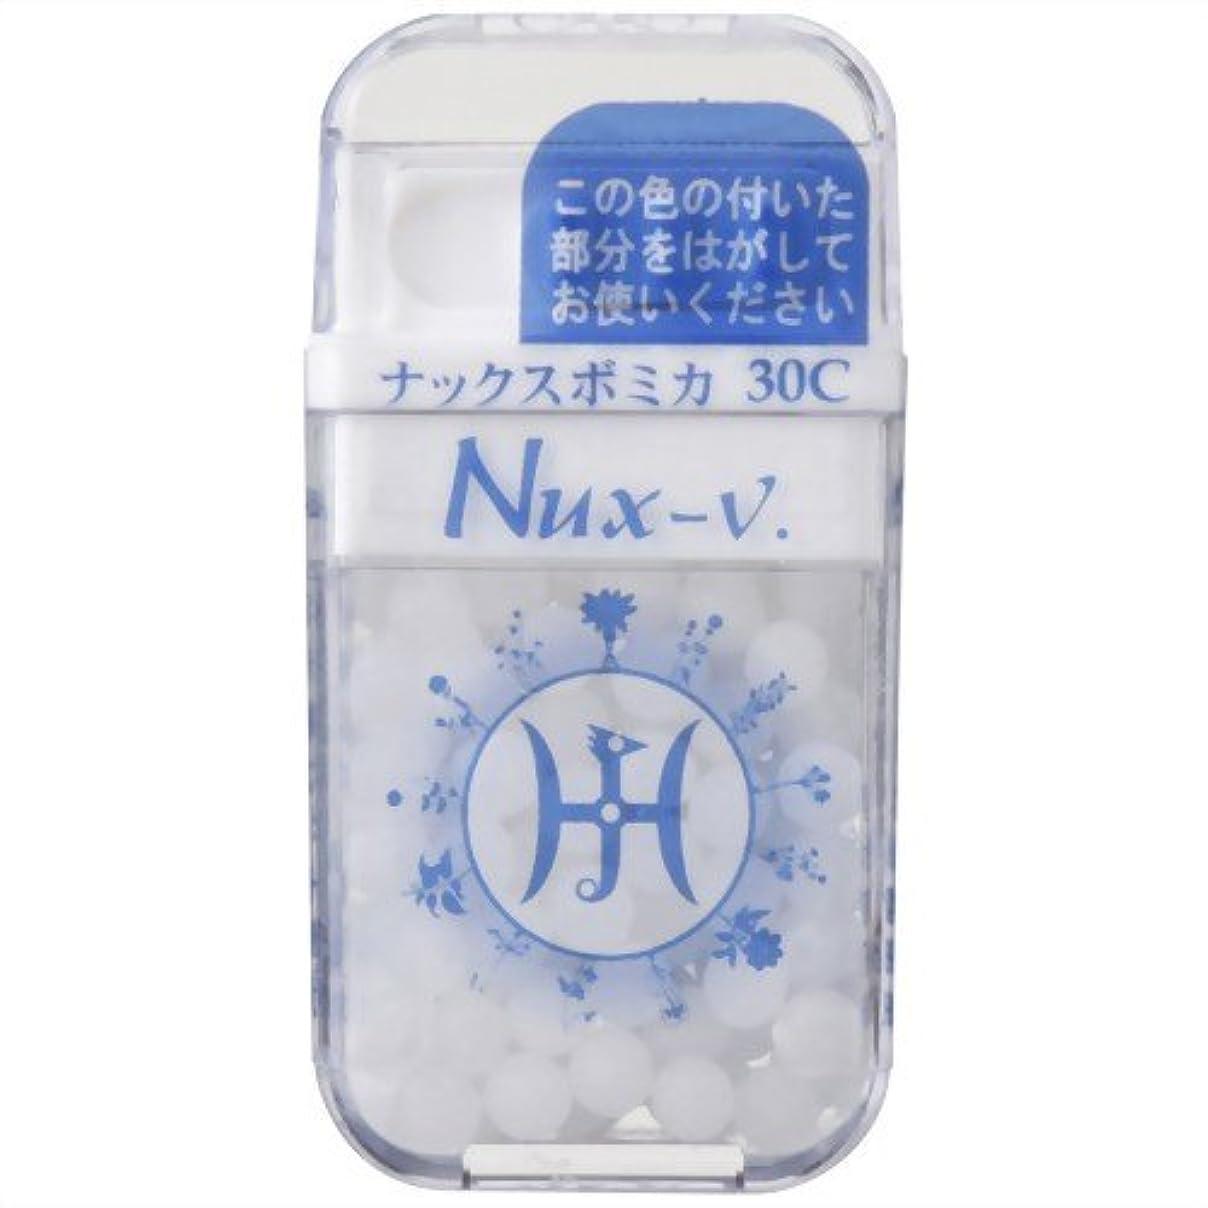 コーチレンチより多いホメオパシージャパンレメディー Nux-v.  ナックスボミカ  30C (大ビン)